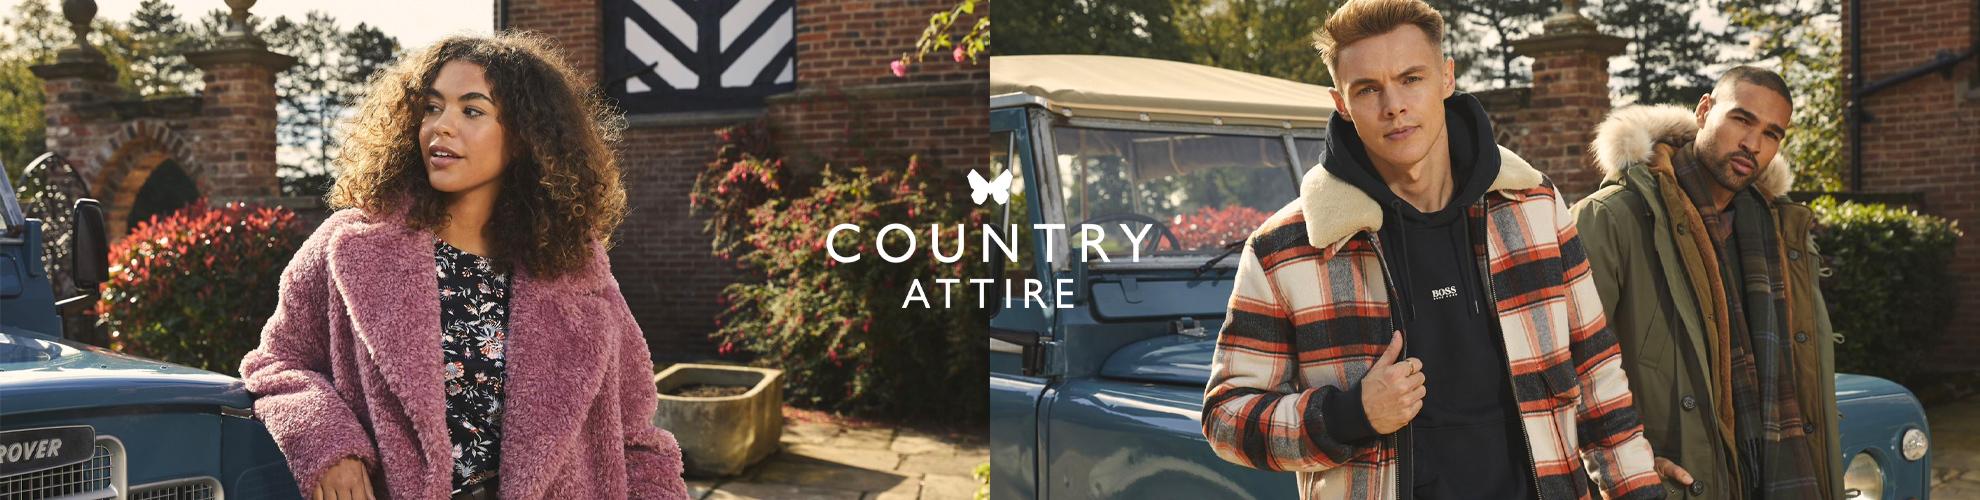 Country Attire Automne Hiver